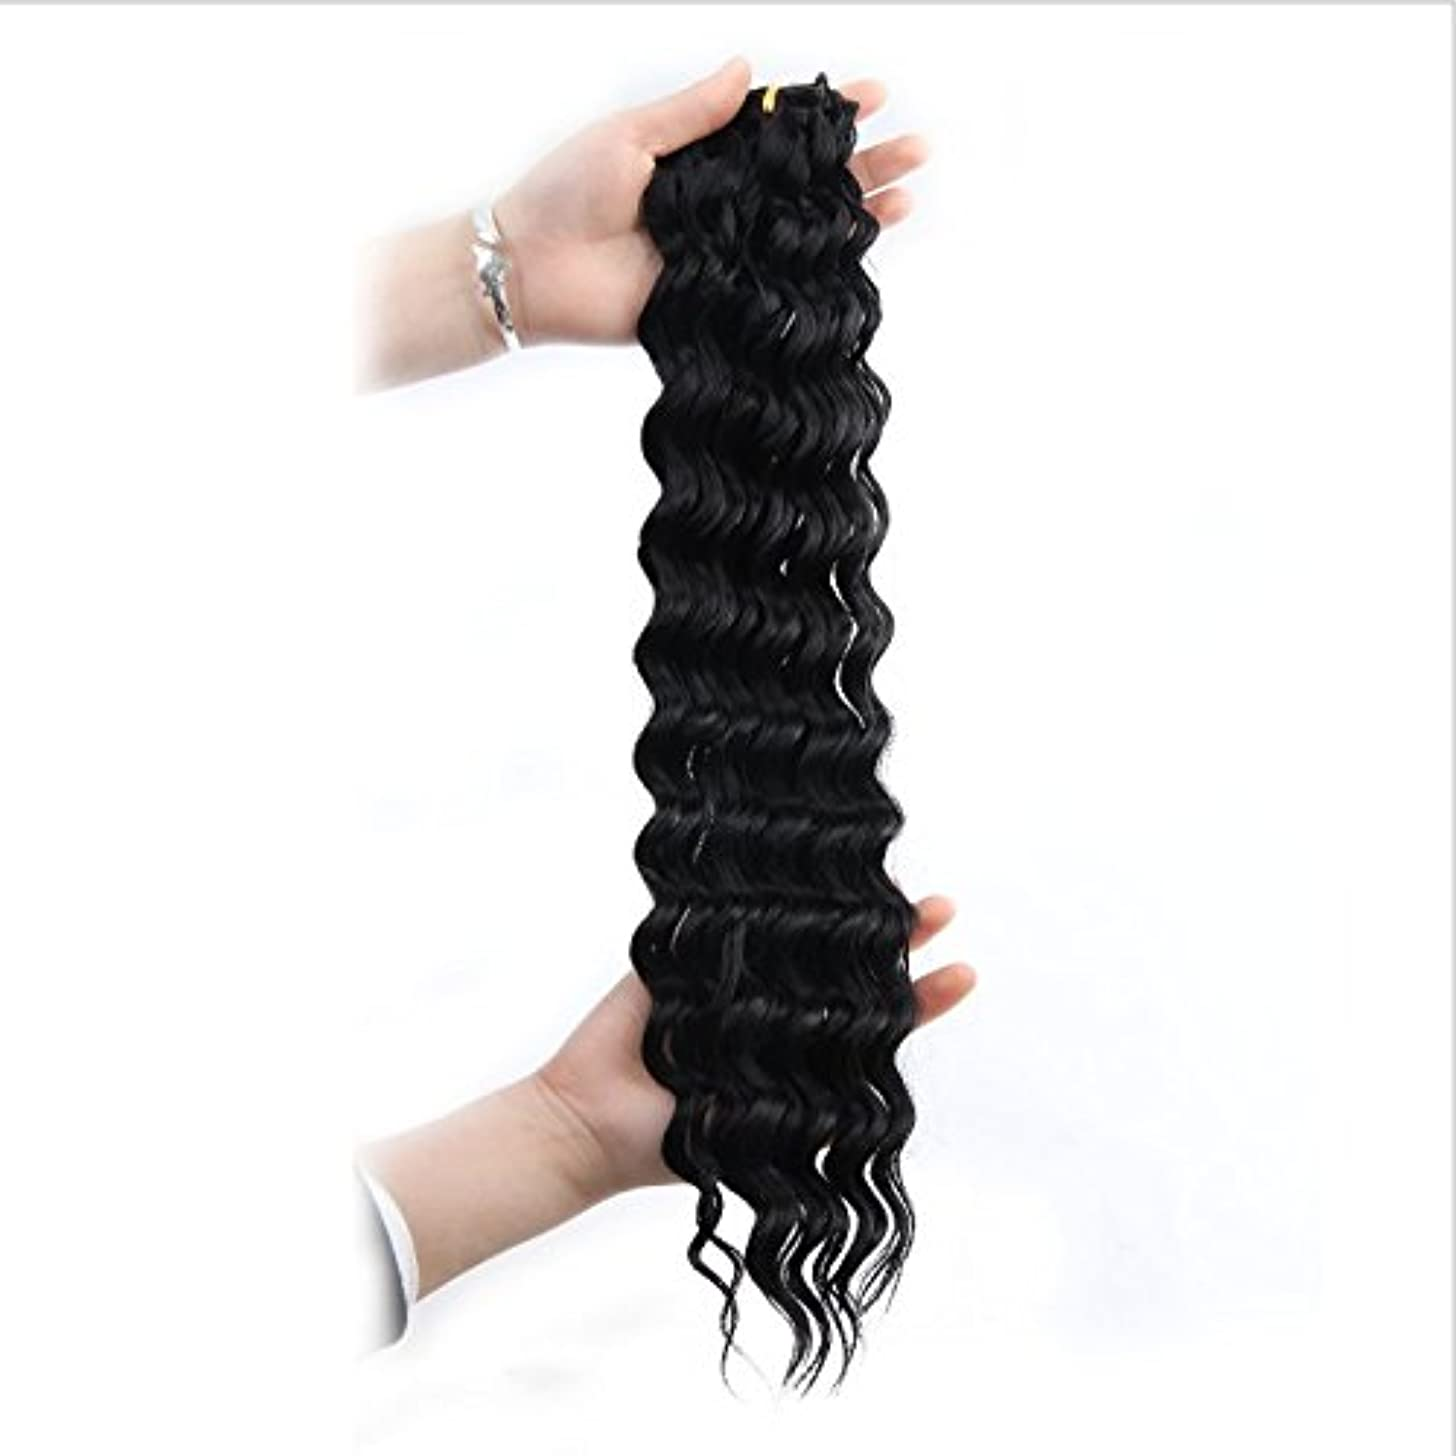 思想生物学おJIANFU 70g / 100gブラウンの女性のための高温マットワイヤカーリーウィッグヘアカーテン18インチのロールヘアエクステンションに10インチのナチュラルブラックウィッグ (サイズ : 16inch(70g))